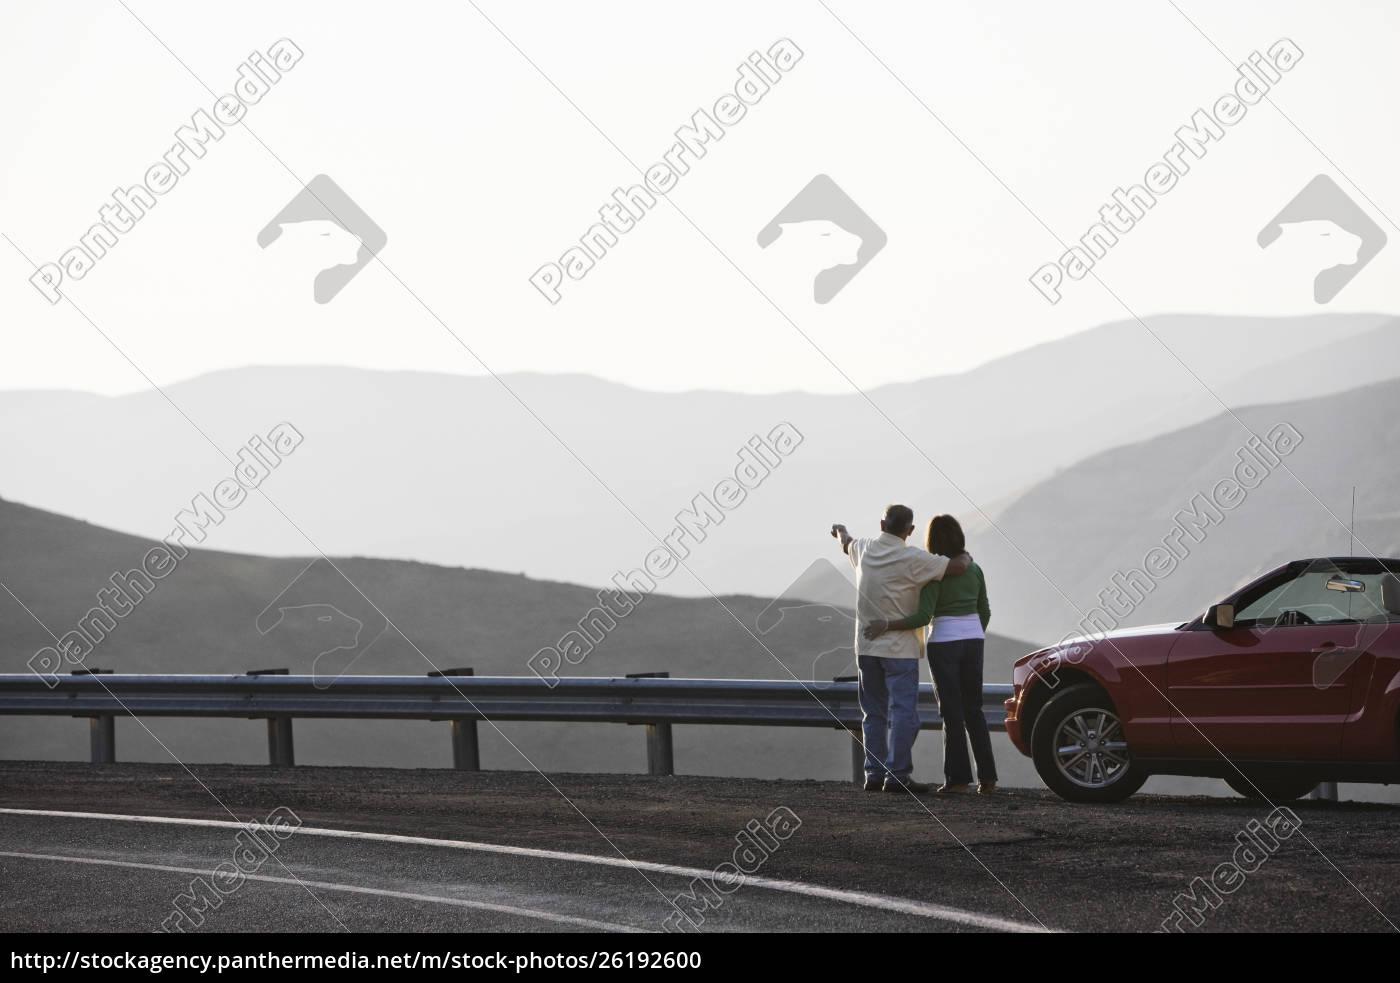 ein, hispanisches, senior-paar, genießt, die, landschaft - 26192600